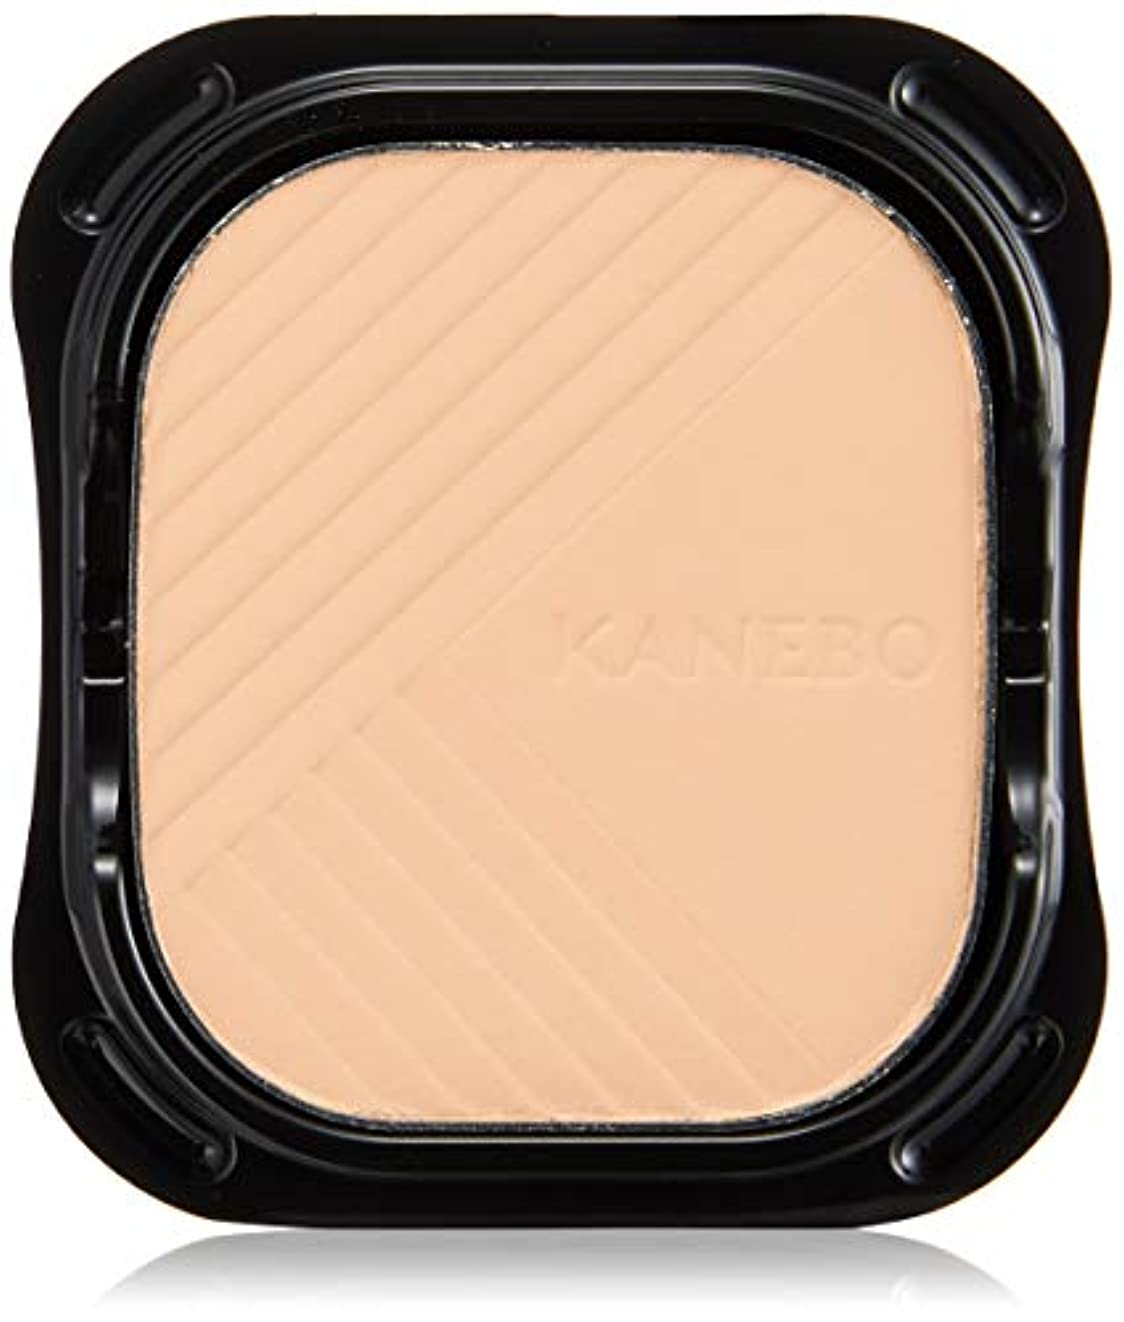 安定した初期一掃するKANEBO(カネボウ) カネボウ ラスターパウダーファンデーション オークルC SPF6/PA++ ファンデーション(パクト)